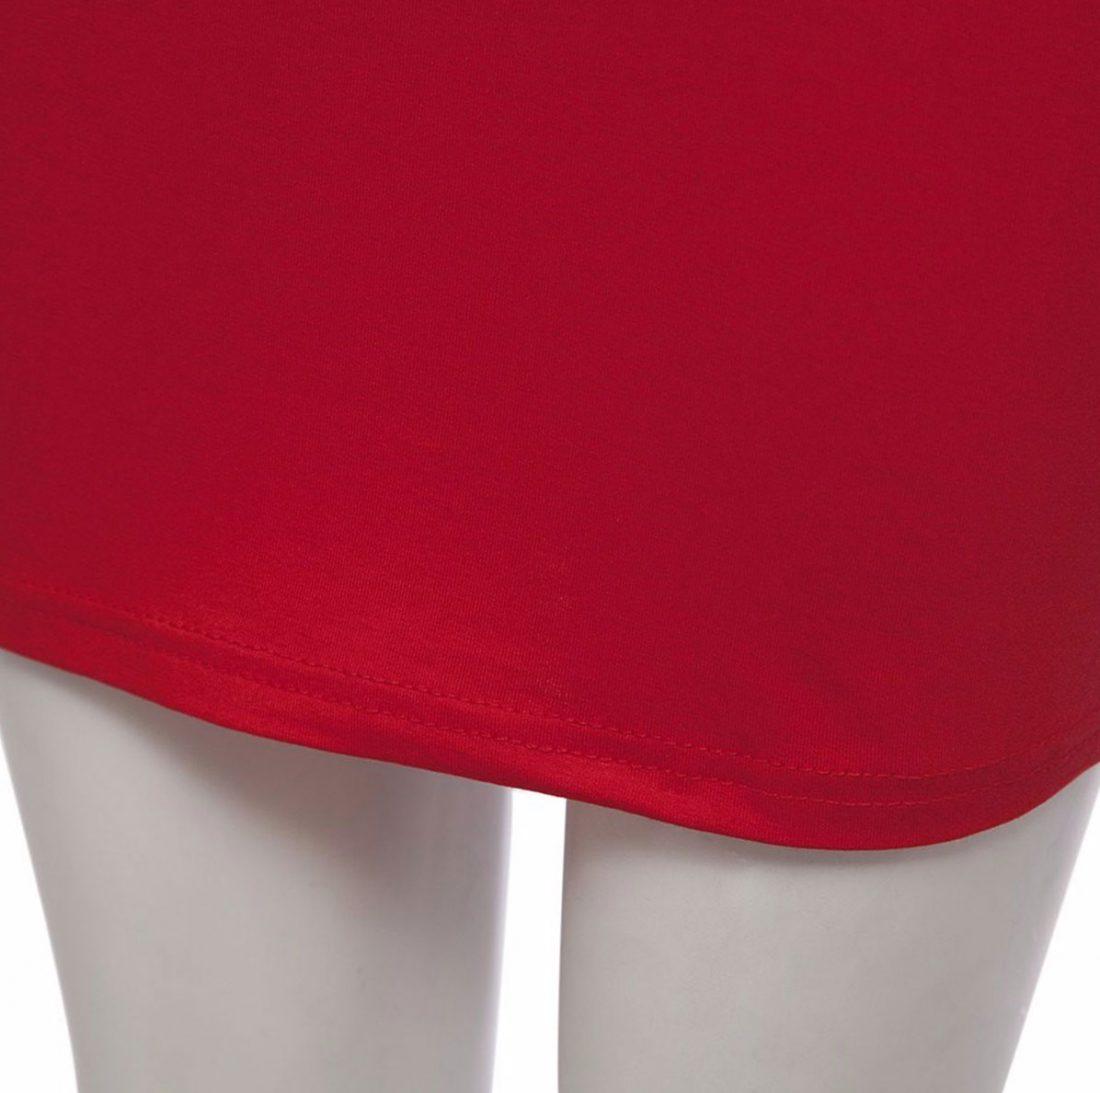 M0181 red6 Two Piece Sets Dresses maureens.com boutique